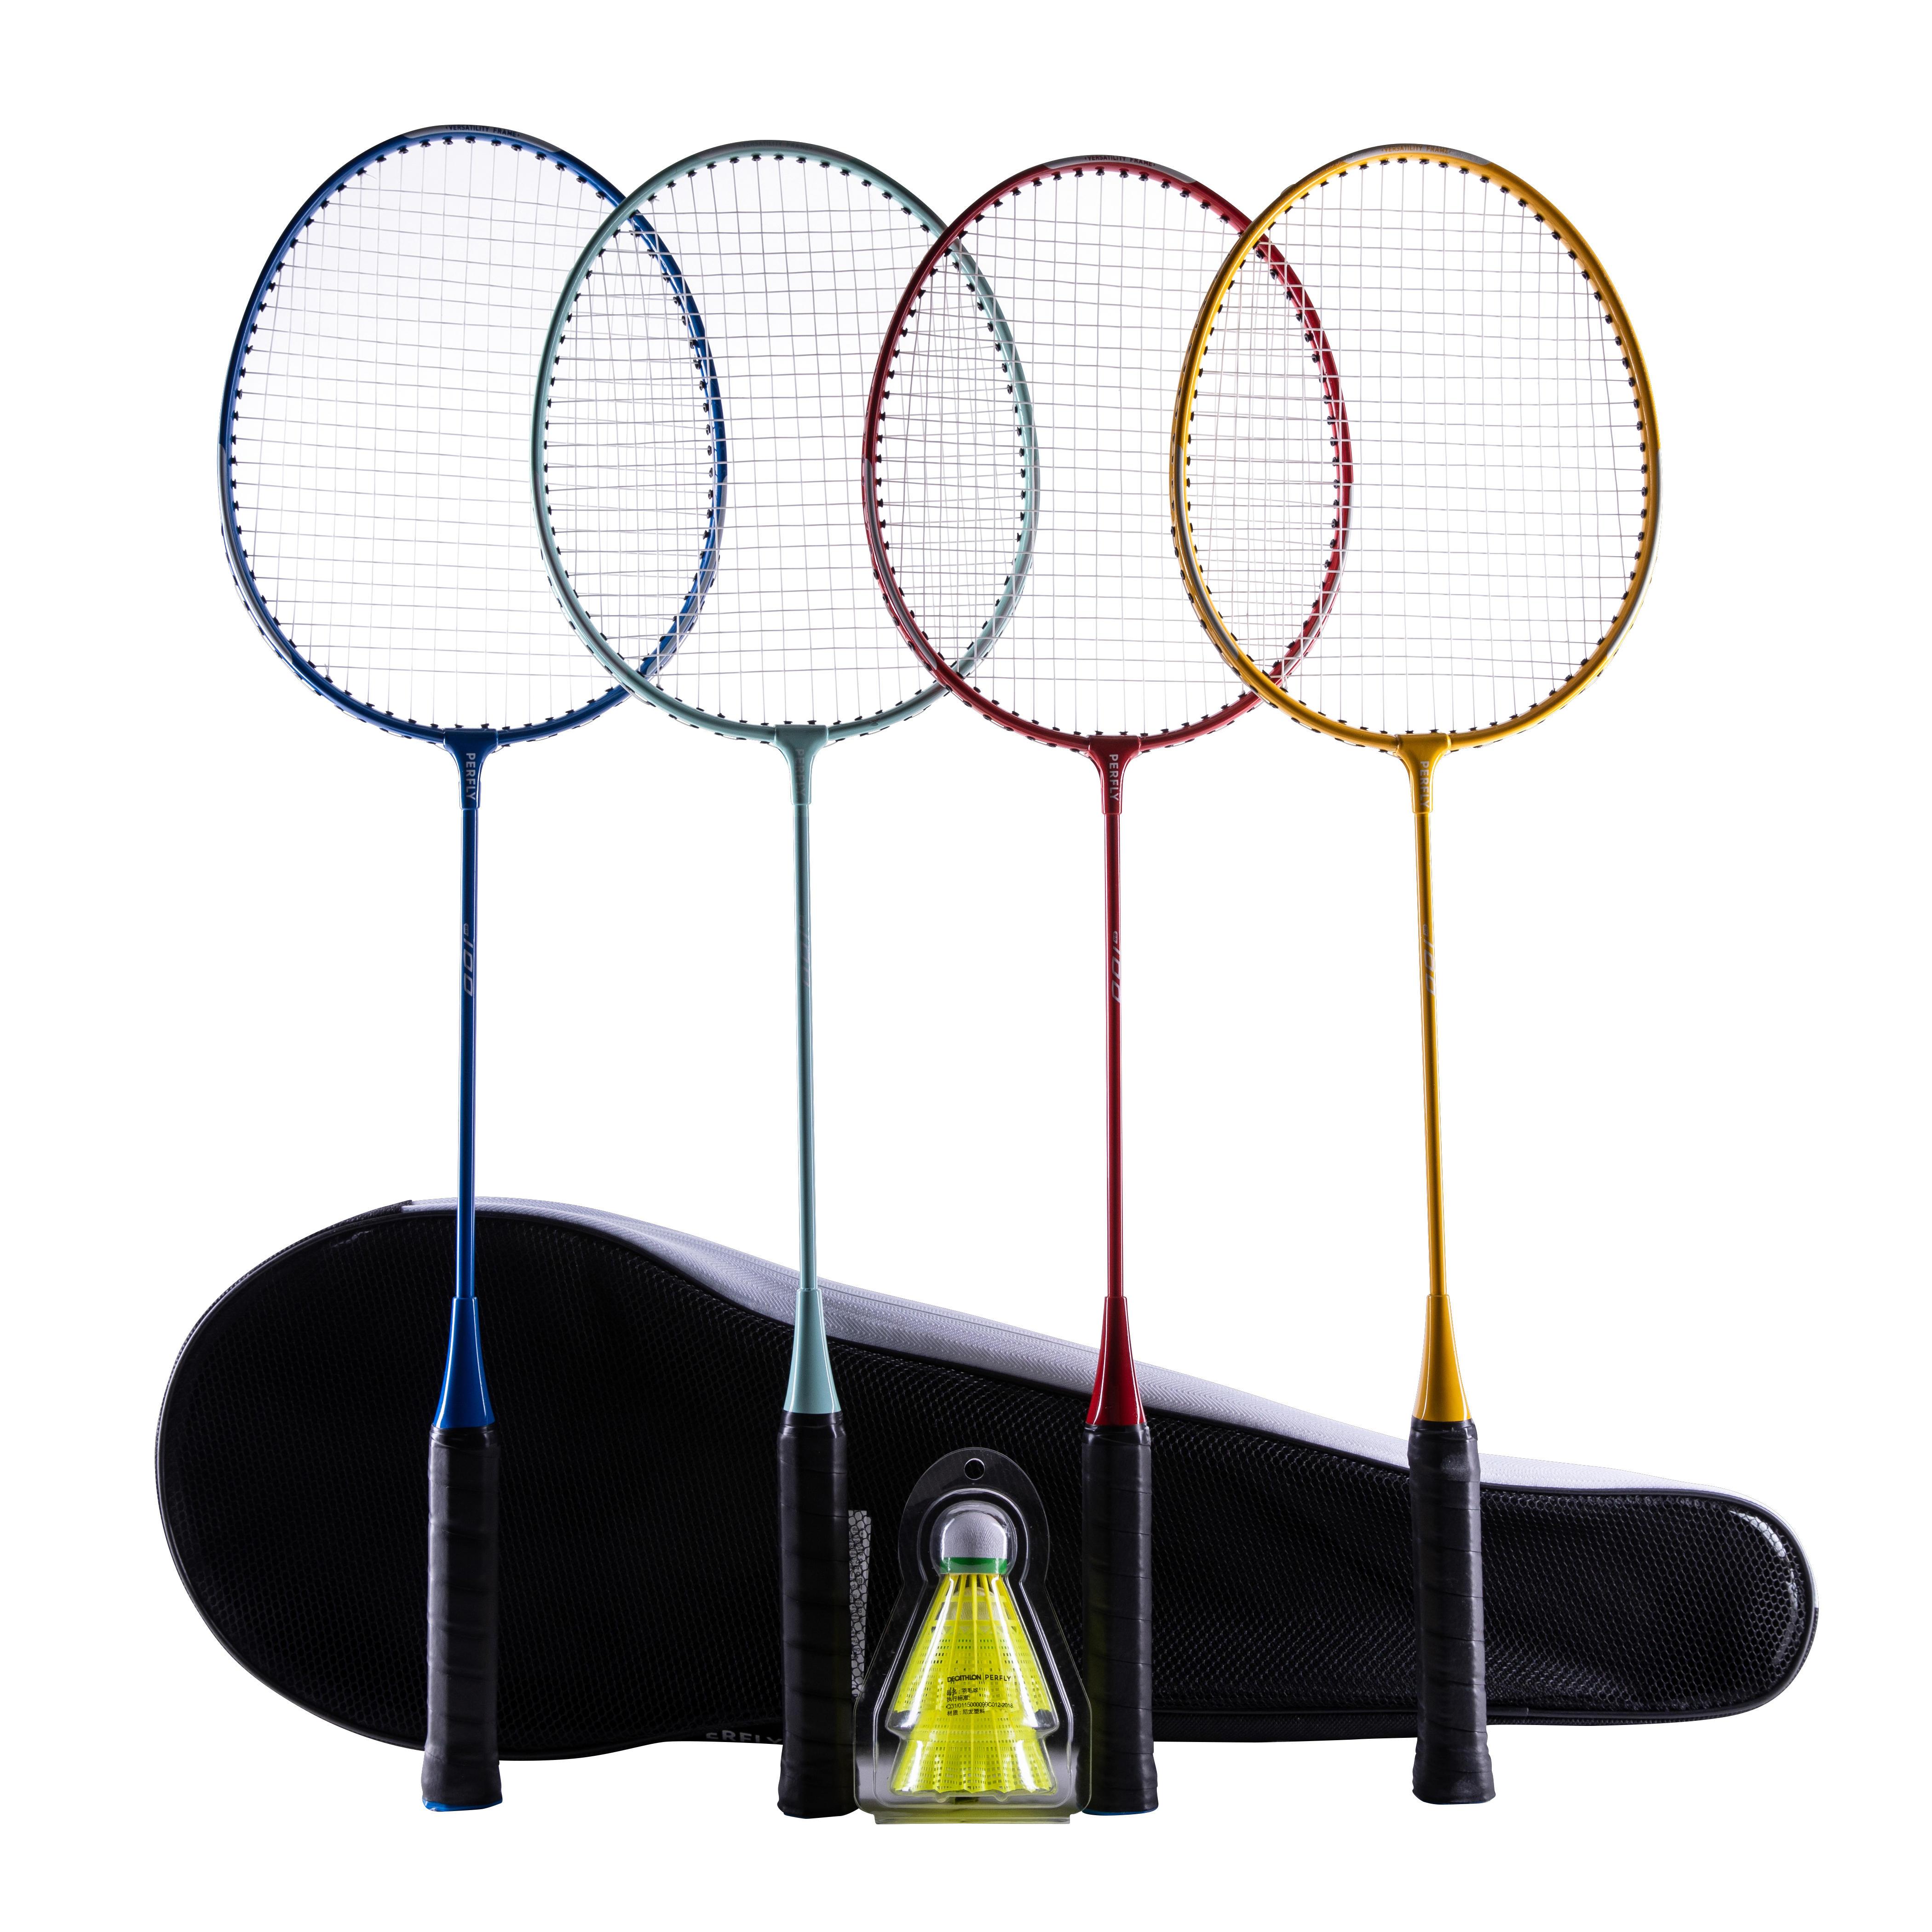 Schläger Sport Top Sport Badminton Set Mit 2 Schlägern Und 3 Kunststoff-federbällen Neu!!!